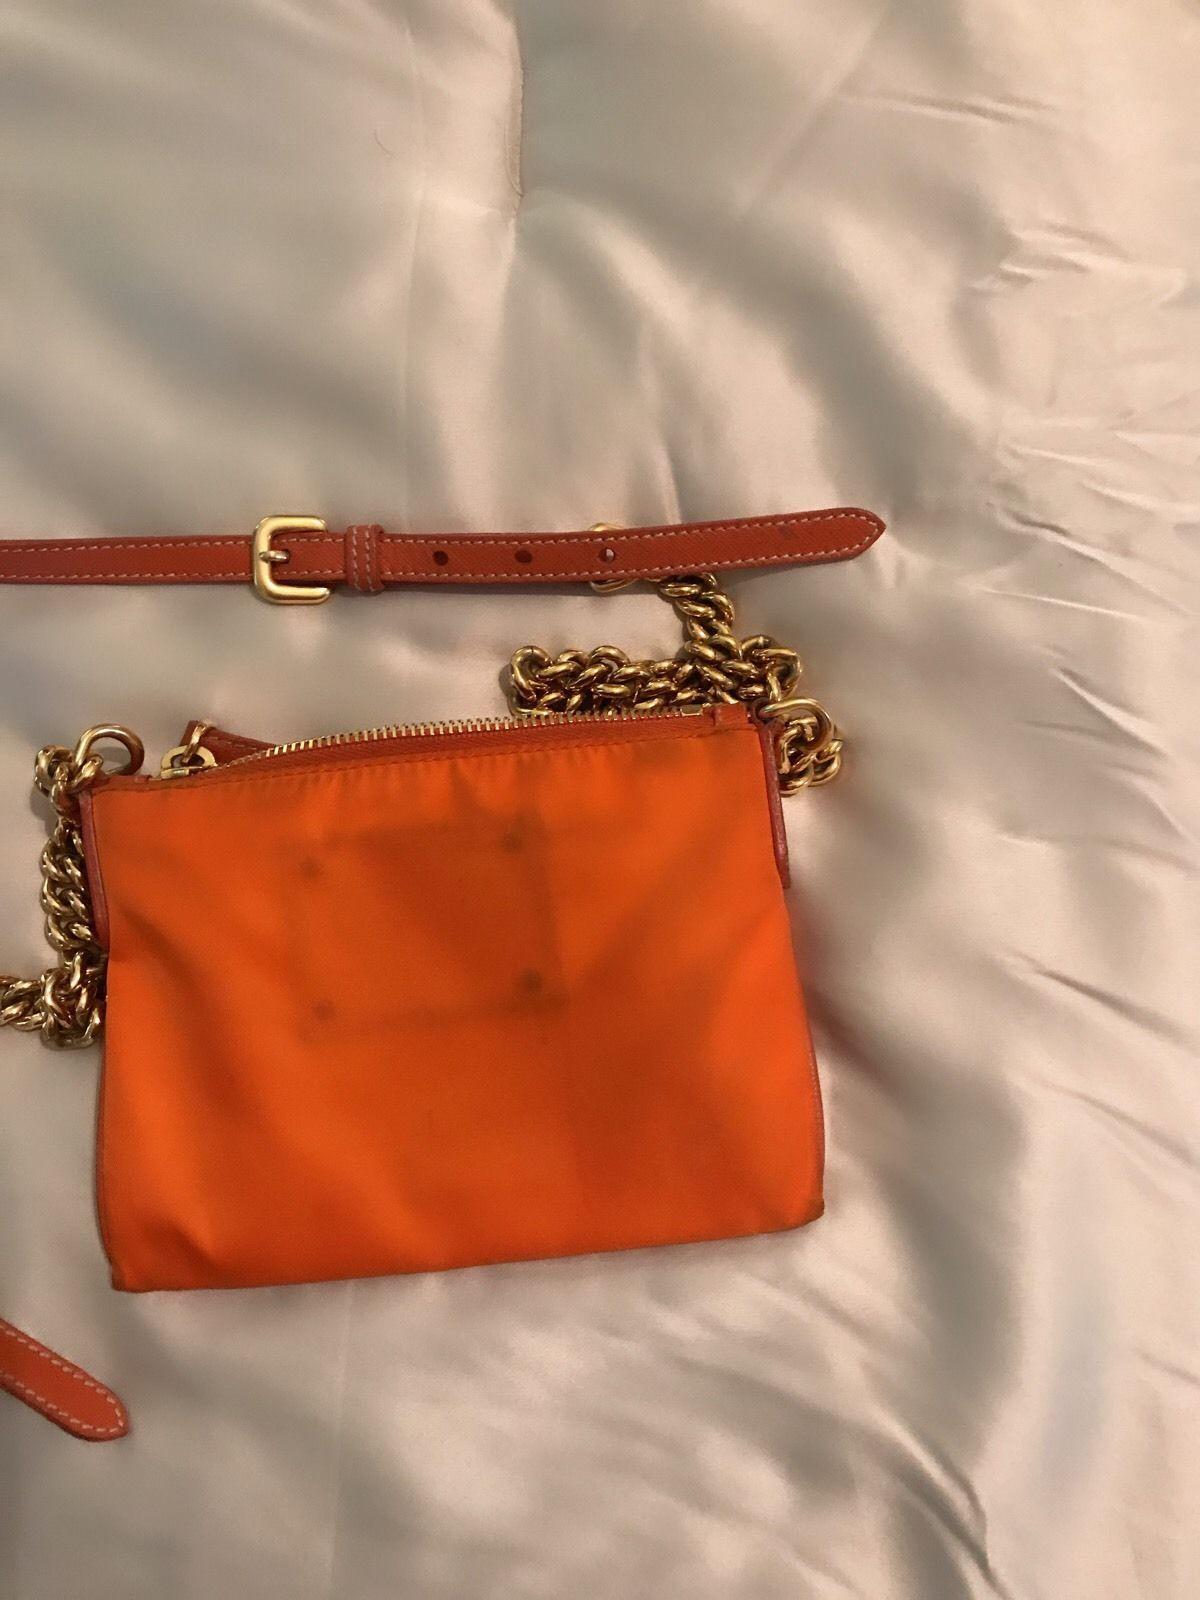 ed44e989591df ... inexpensive auth prada sling bag mini messenger handbag 245.0 33831  9a803 ...